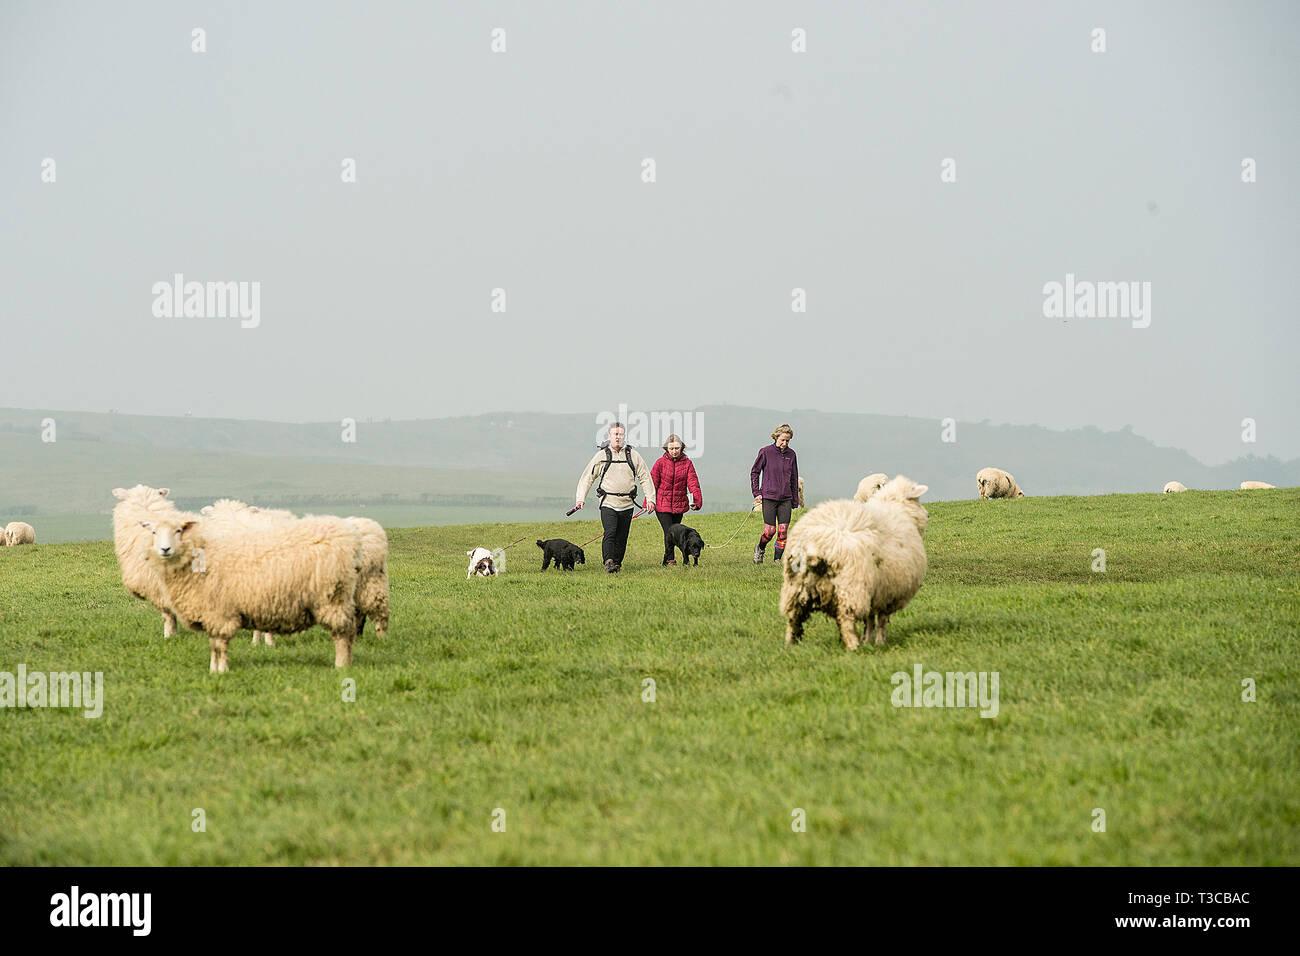 walking dogs through sheep - Stock Image